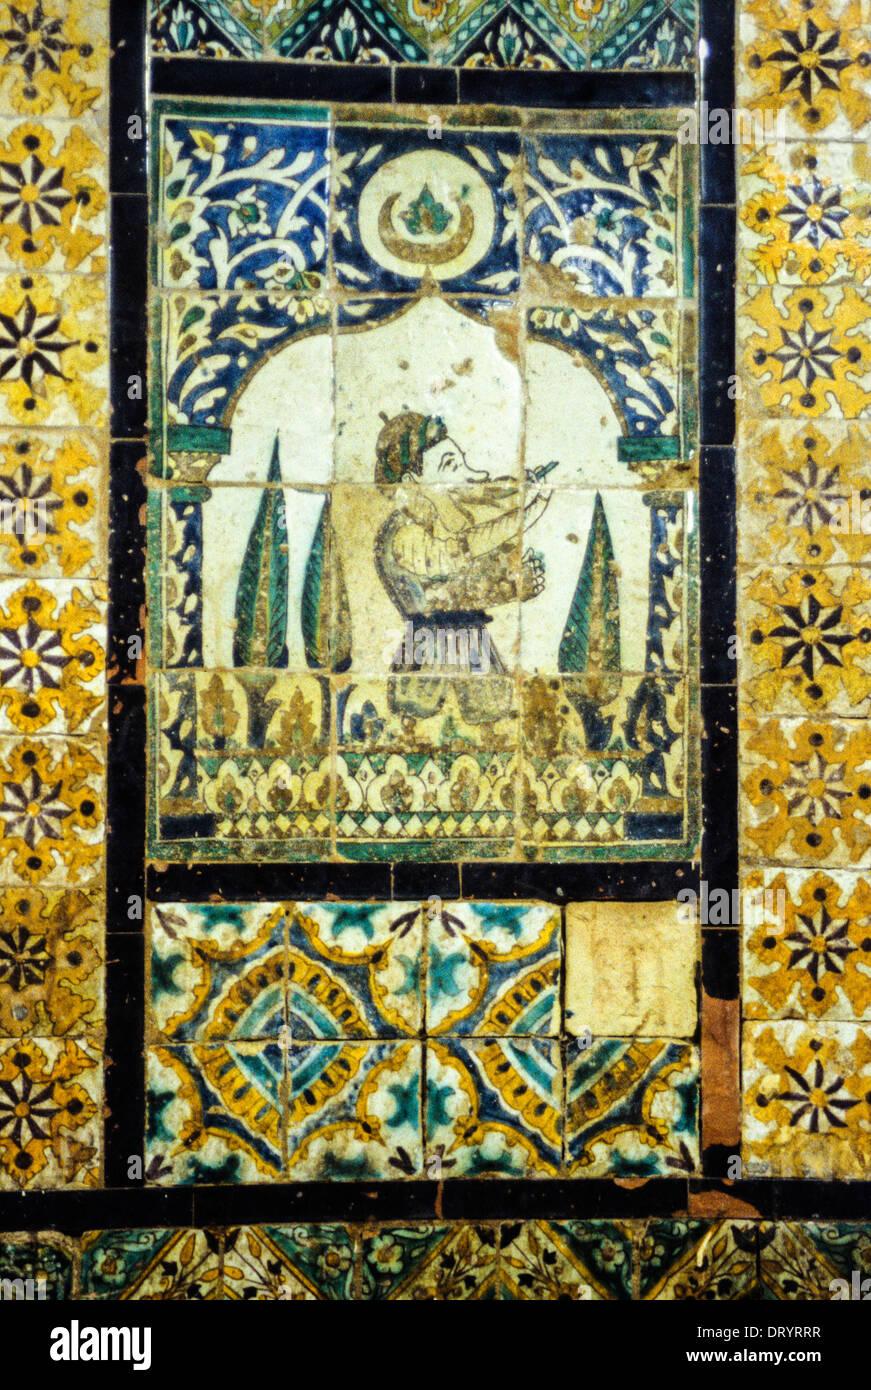 Ceramics Tiles Stock Photos & Ceramics Tiles Stock Images - Page 2 ...